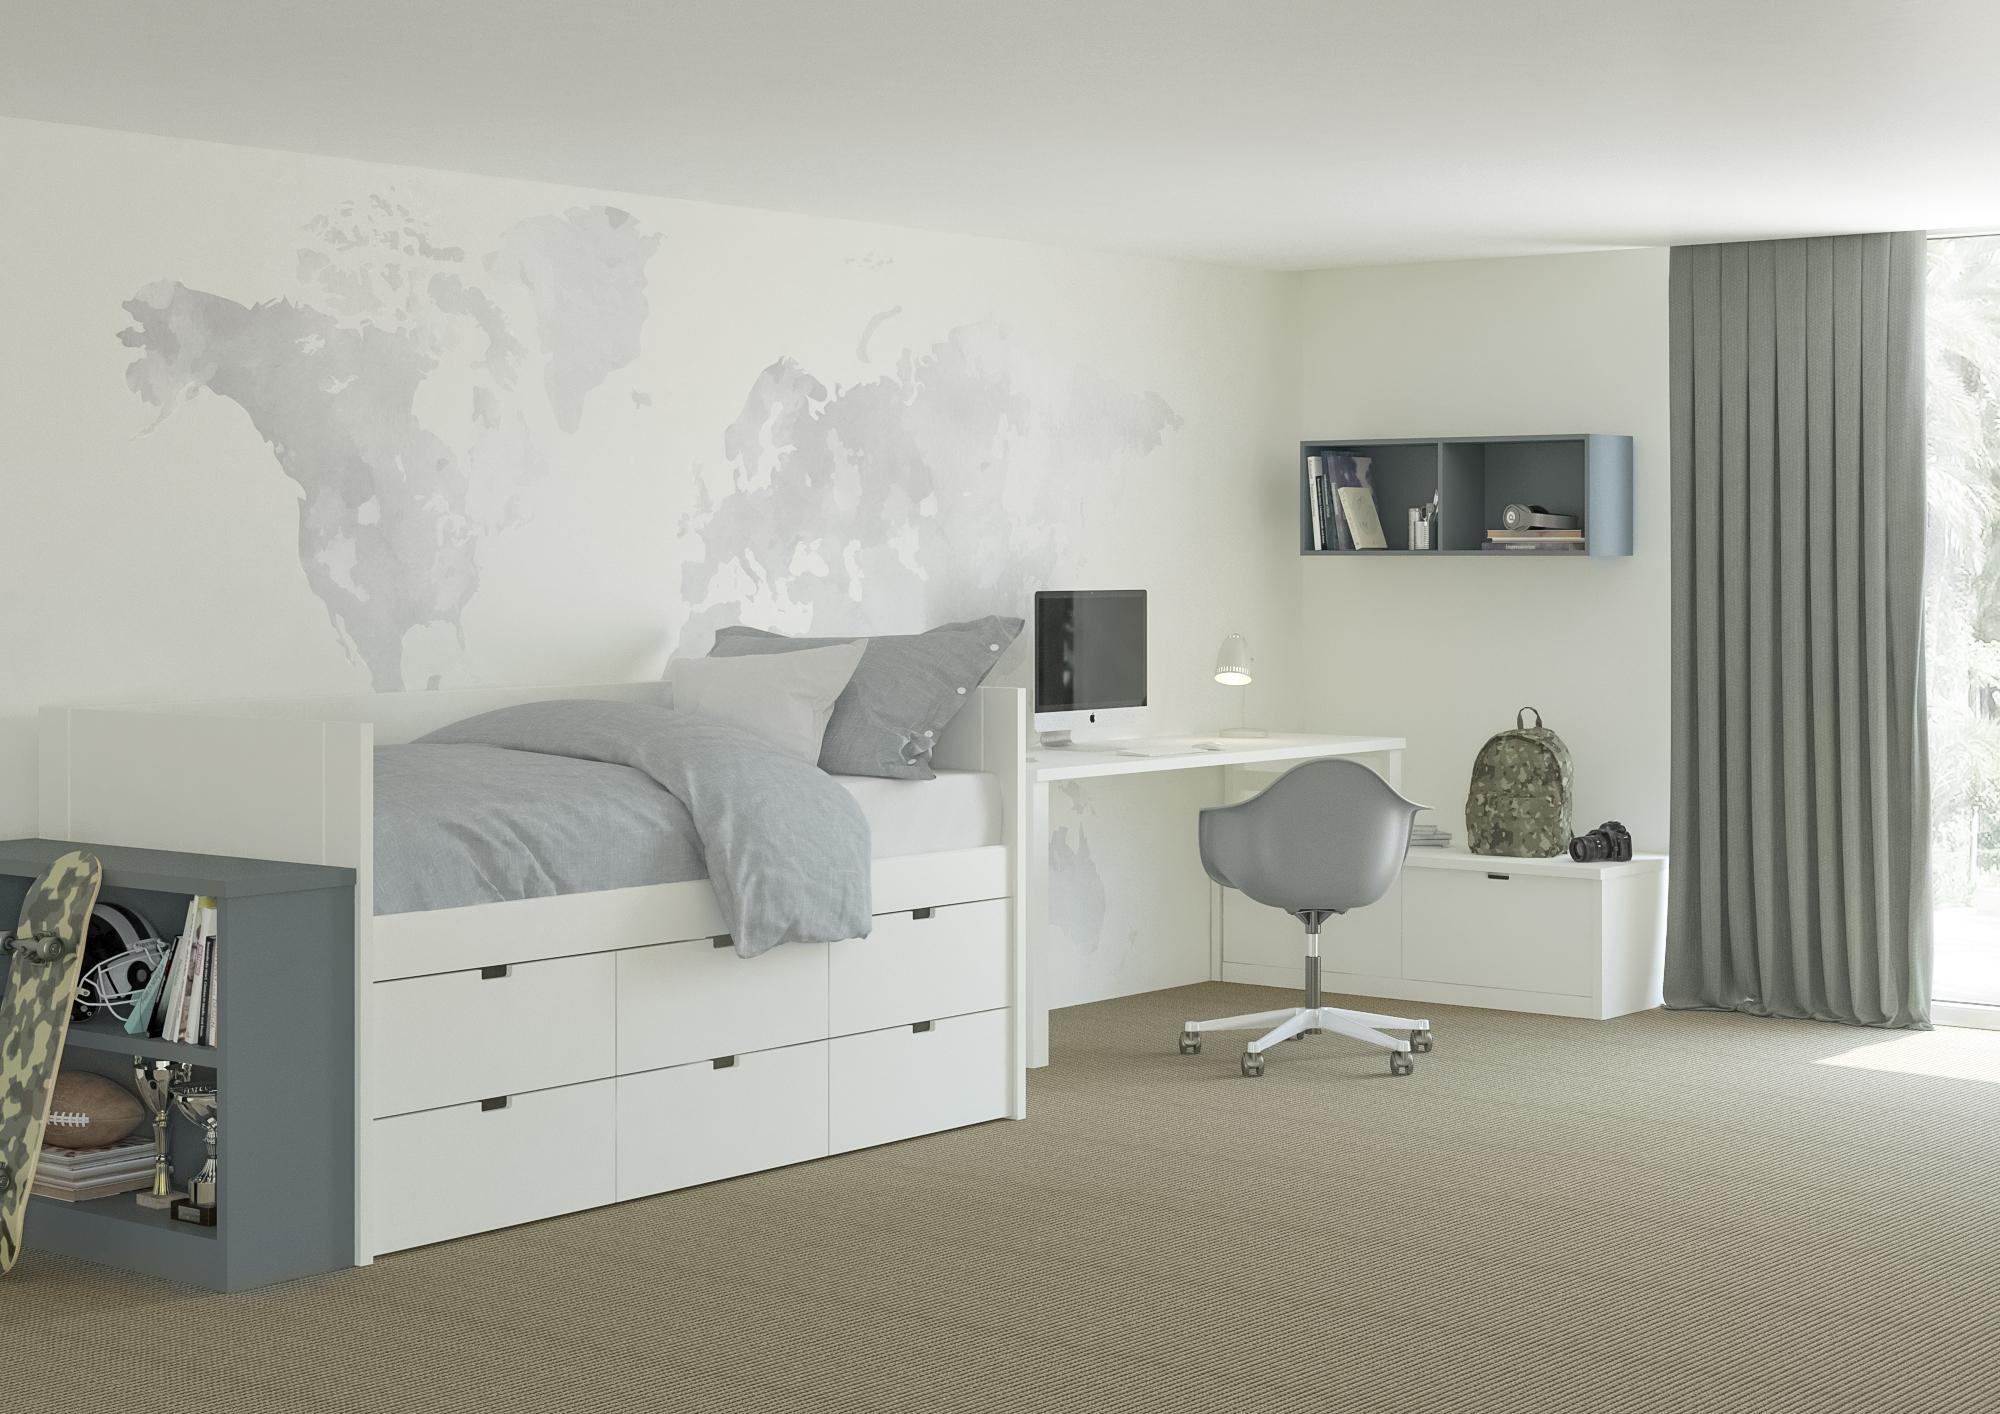 18_Pokojík pro chlapce z nábytku Asoral_neutrální barevný základ lze průběžně oživovat barevnými doplňky_foto studio Viabel_repro zdarma